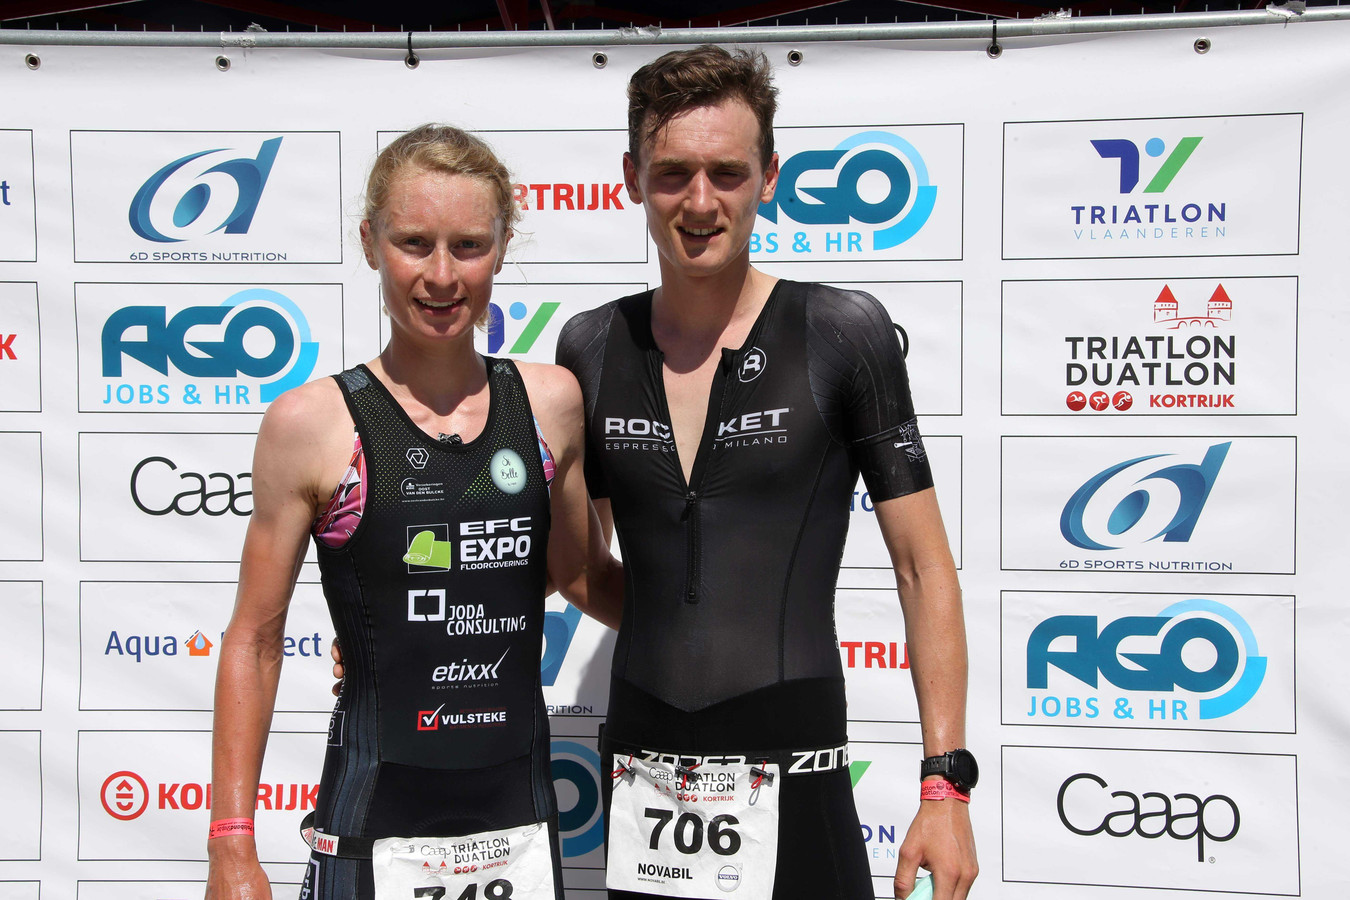 In de Kortrijkse duatlon was het Oost-Vlaanderen boven met winst voor Guust De Smul bij de mannen en Lotte Claes bij de vrouwen. Claes had bij de finish meer dan 8 minuten voorsprong.